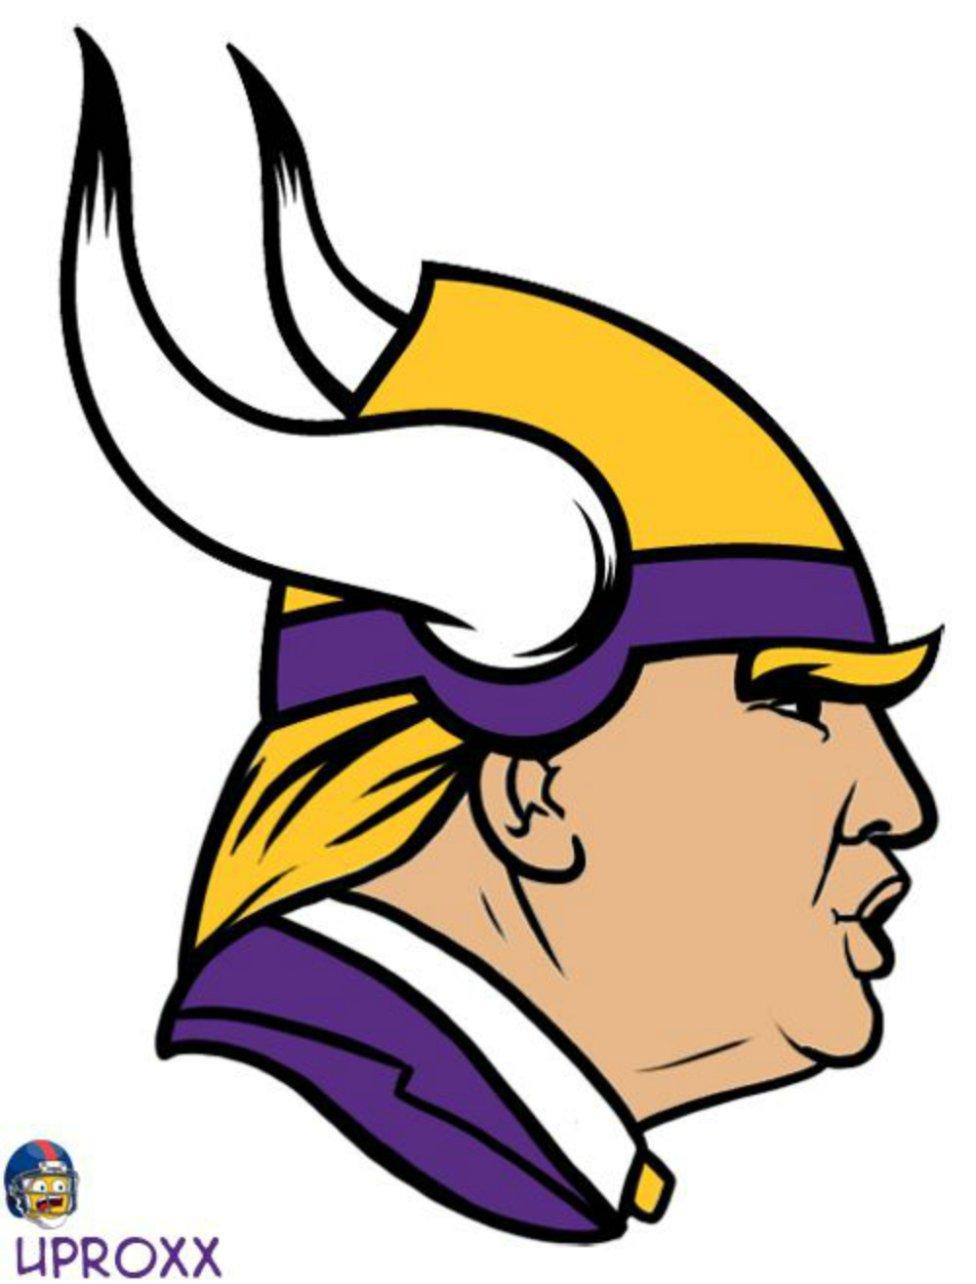 Los 32 logos de los equipos de la NFL al estilo Donald Trump - AS México 4820a89a13a